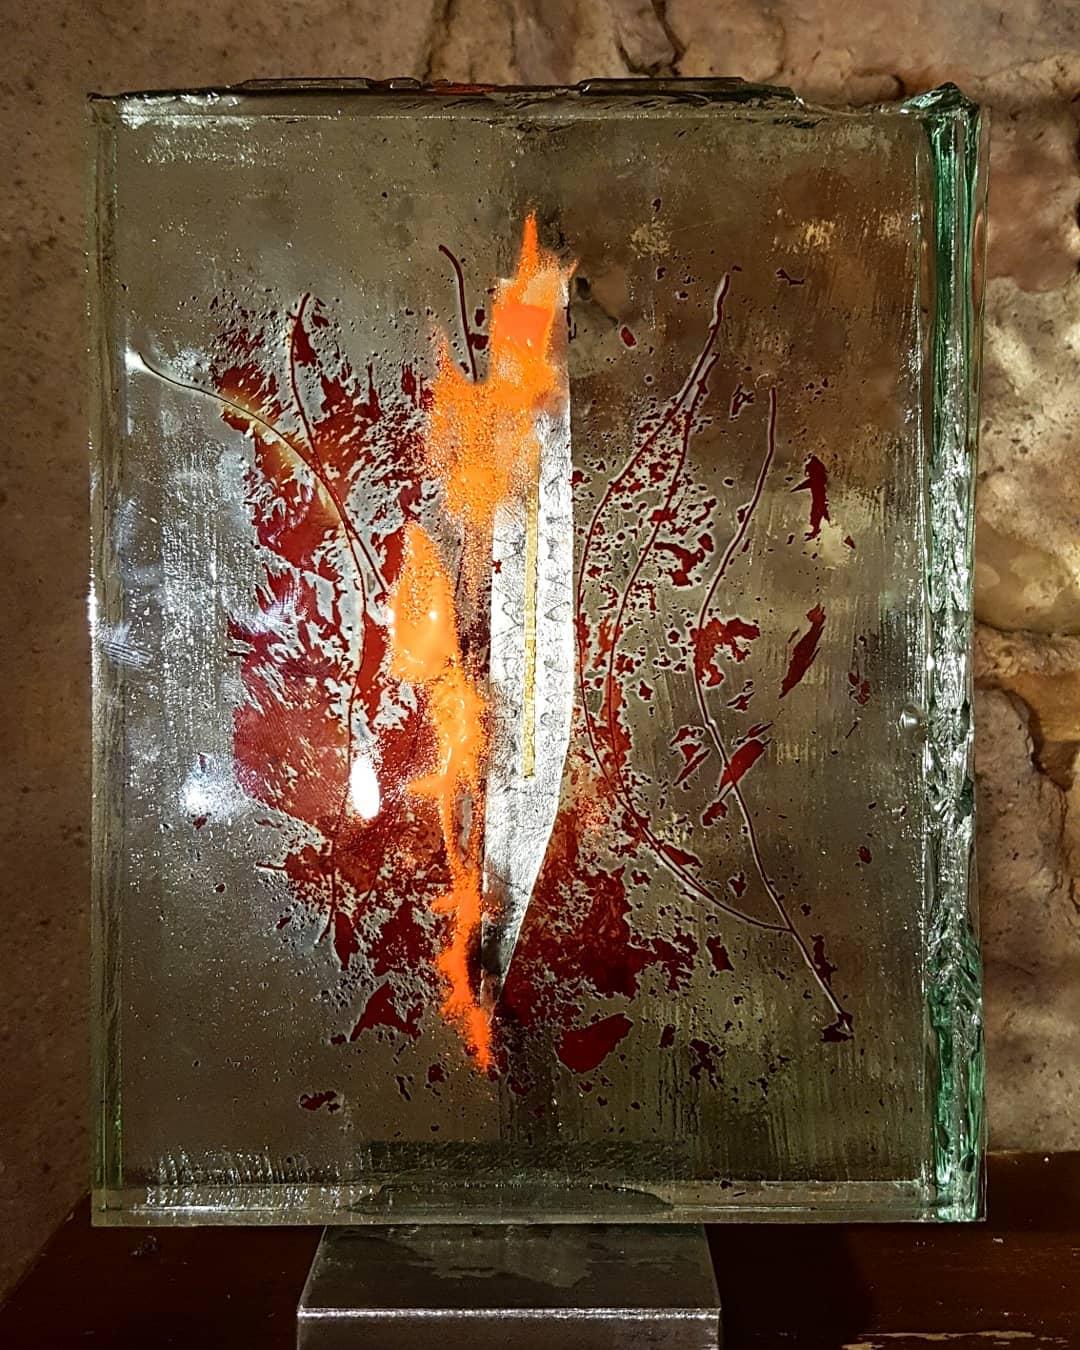 Sculpture métal et verre acier et verre paul estier artiste 2018 lausanne genève neuchatel yverdon (3)